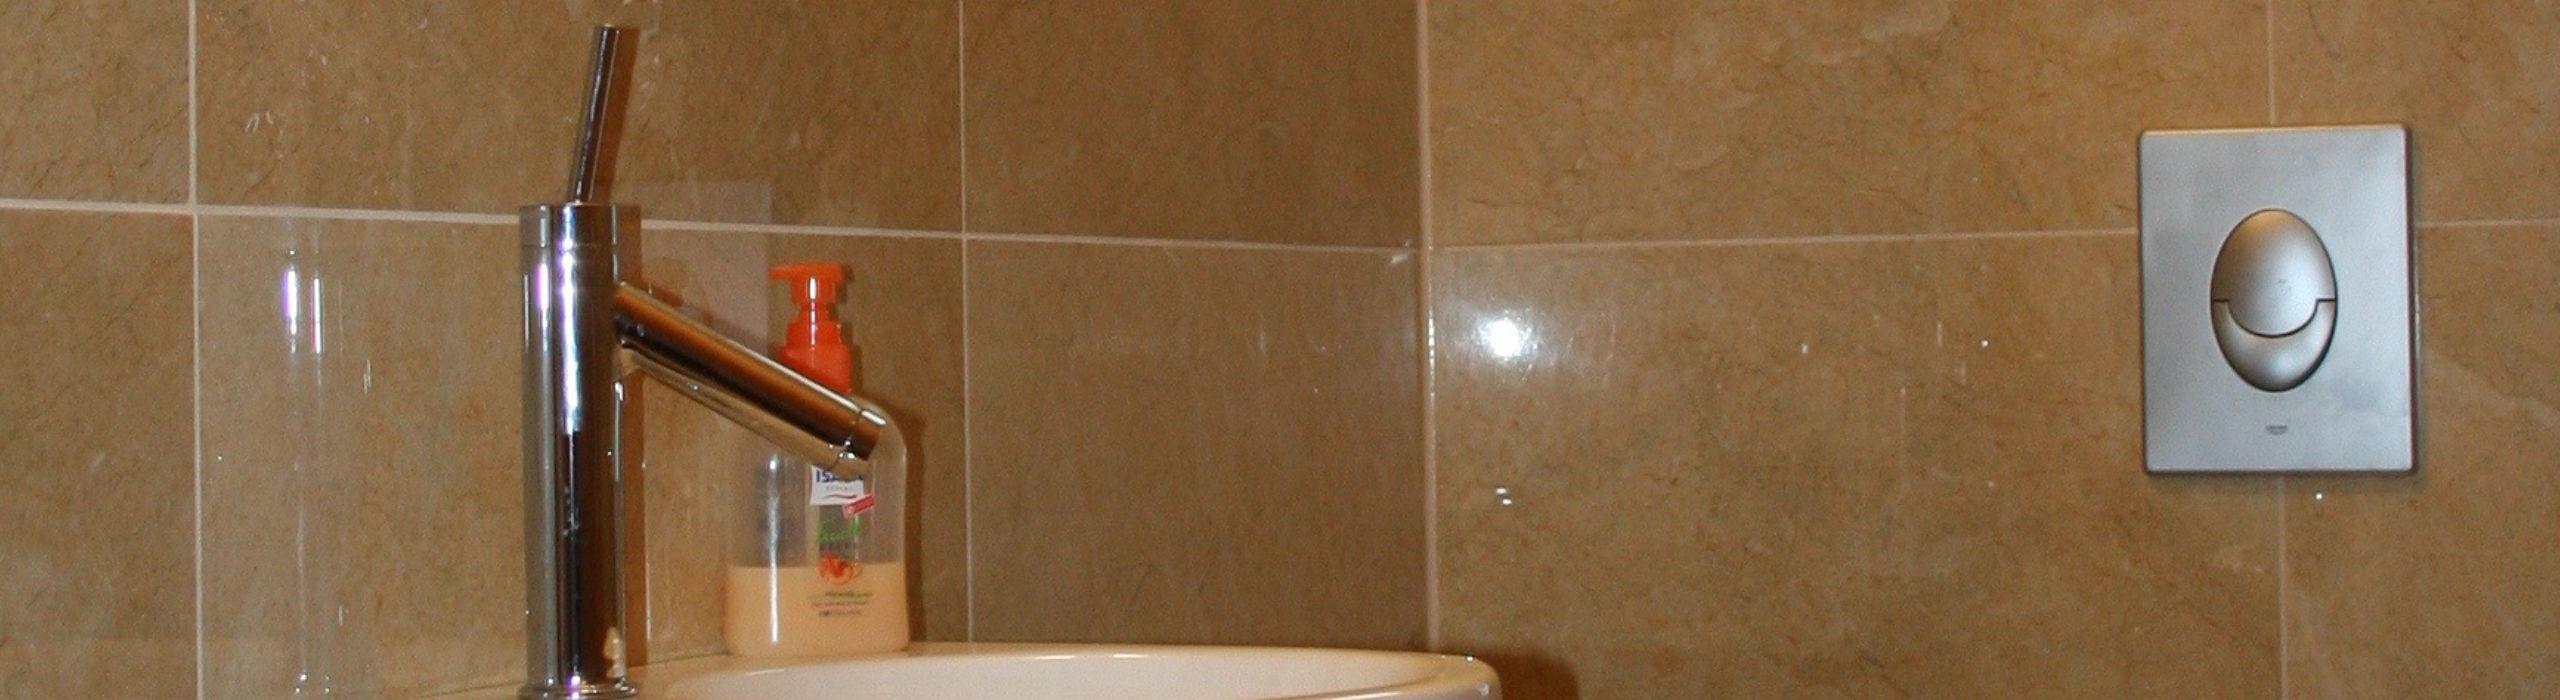 Gäste-WC mit Marron Emparador- und Spanish Gold-Fliesen